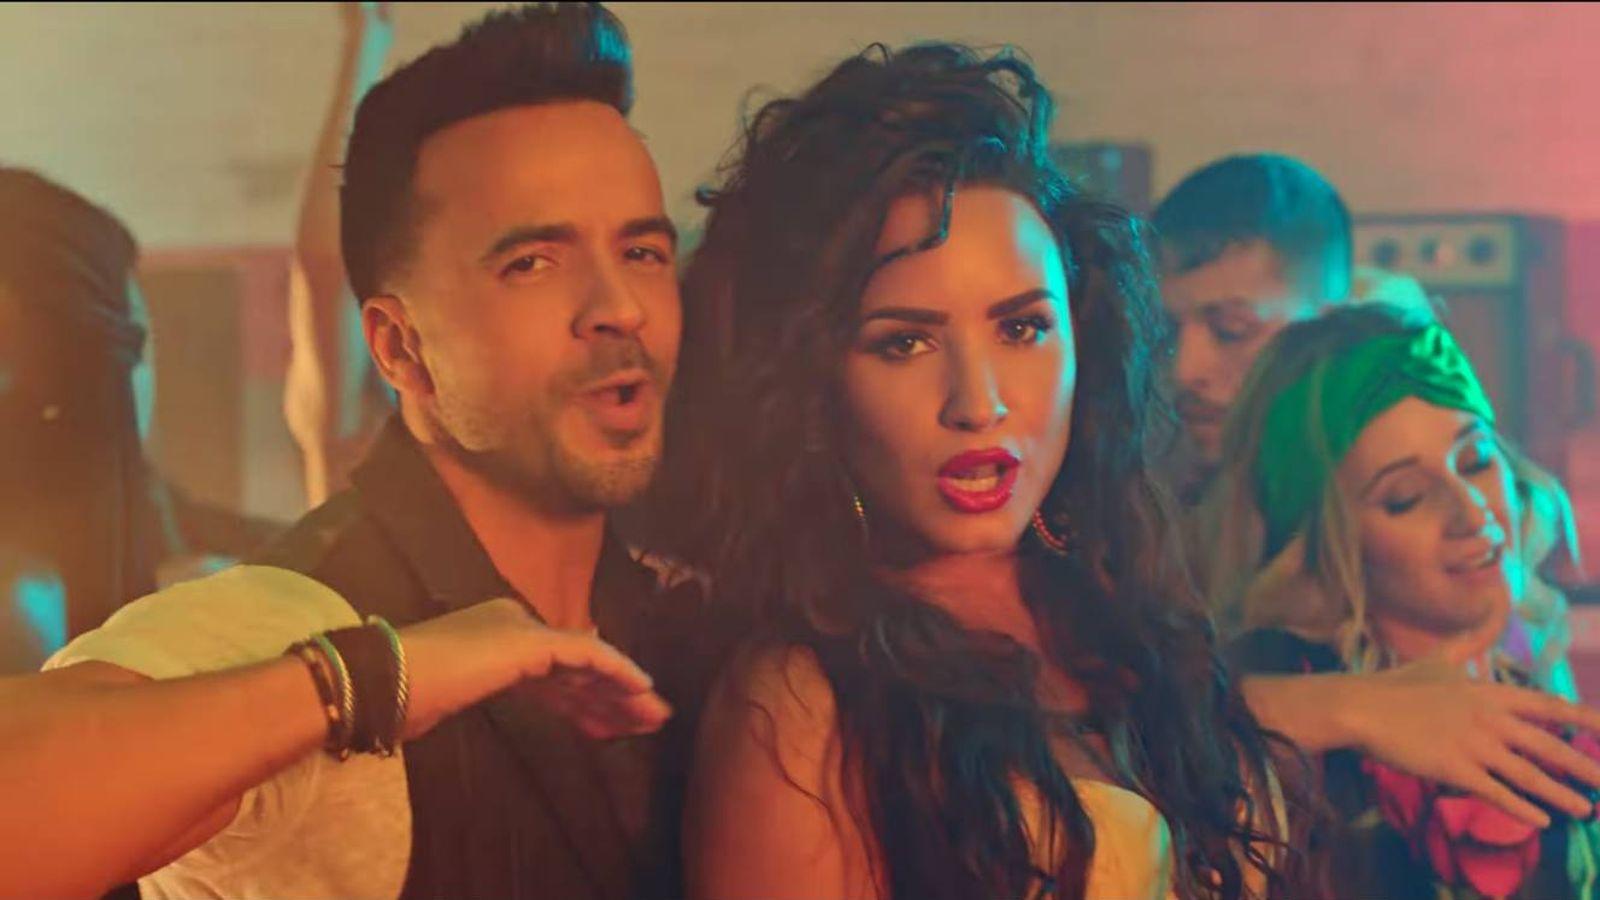 Foto: Luis Fonsi y Demi Lovato en una imagen del videoclip de 'Échame la culpa'.